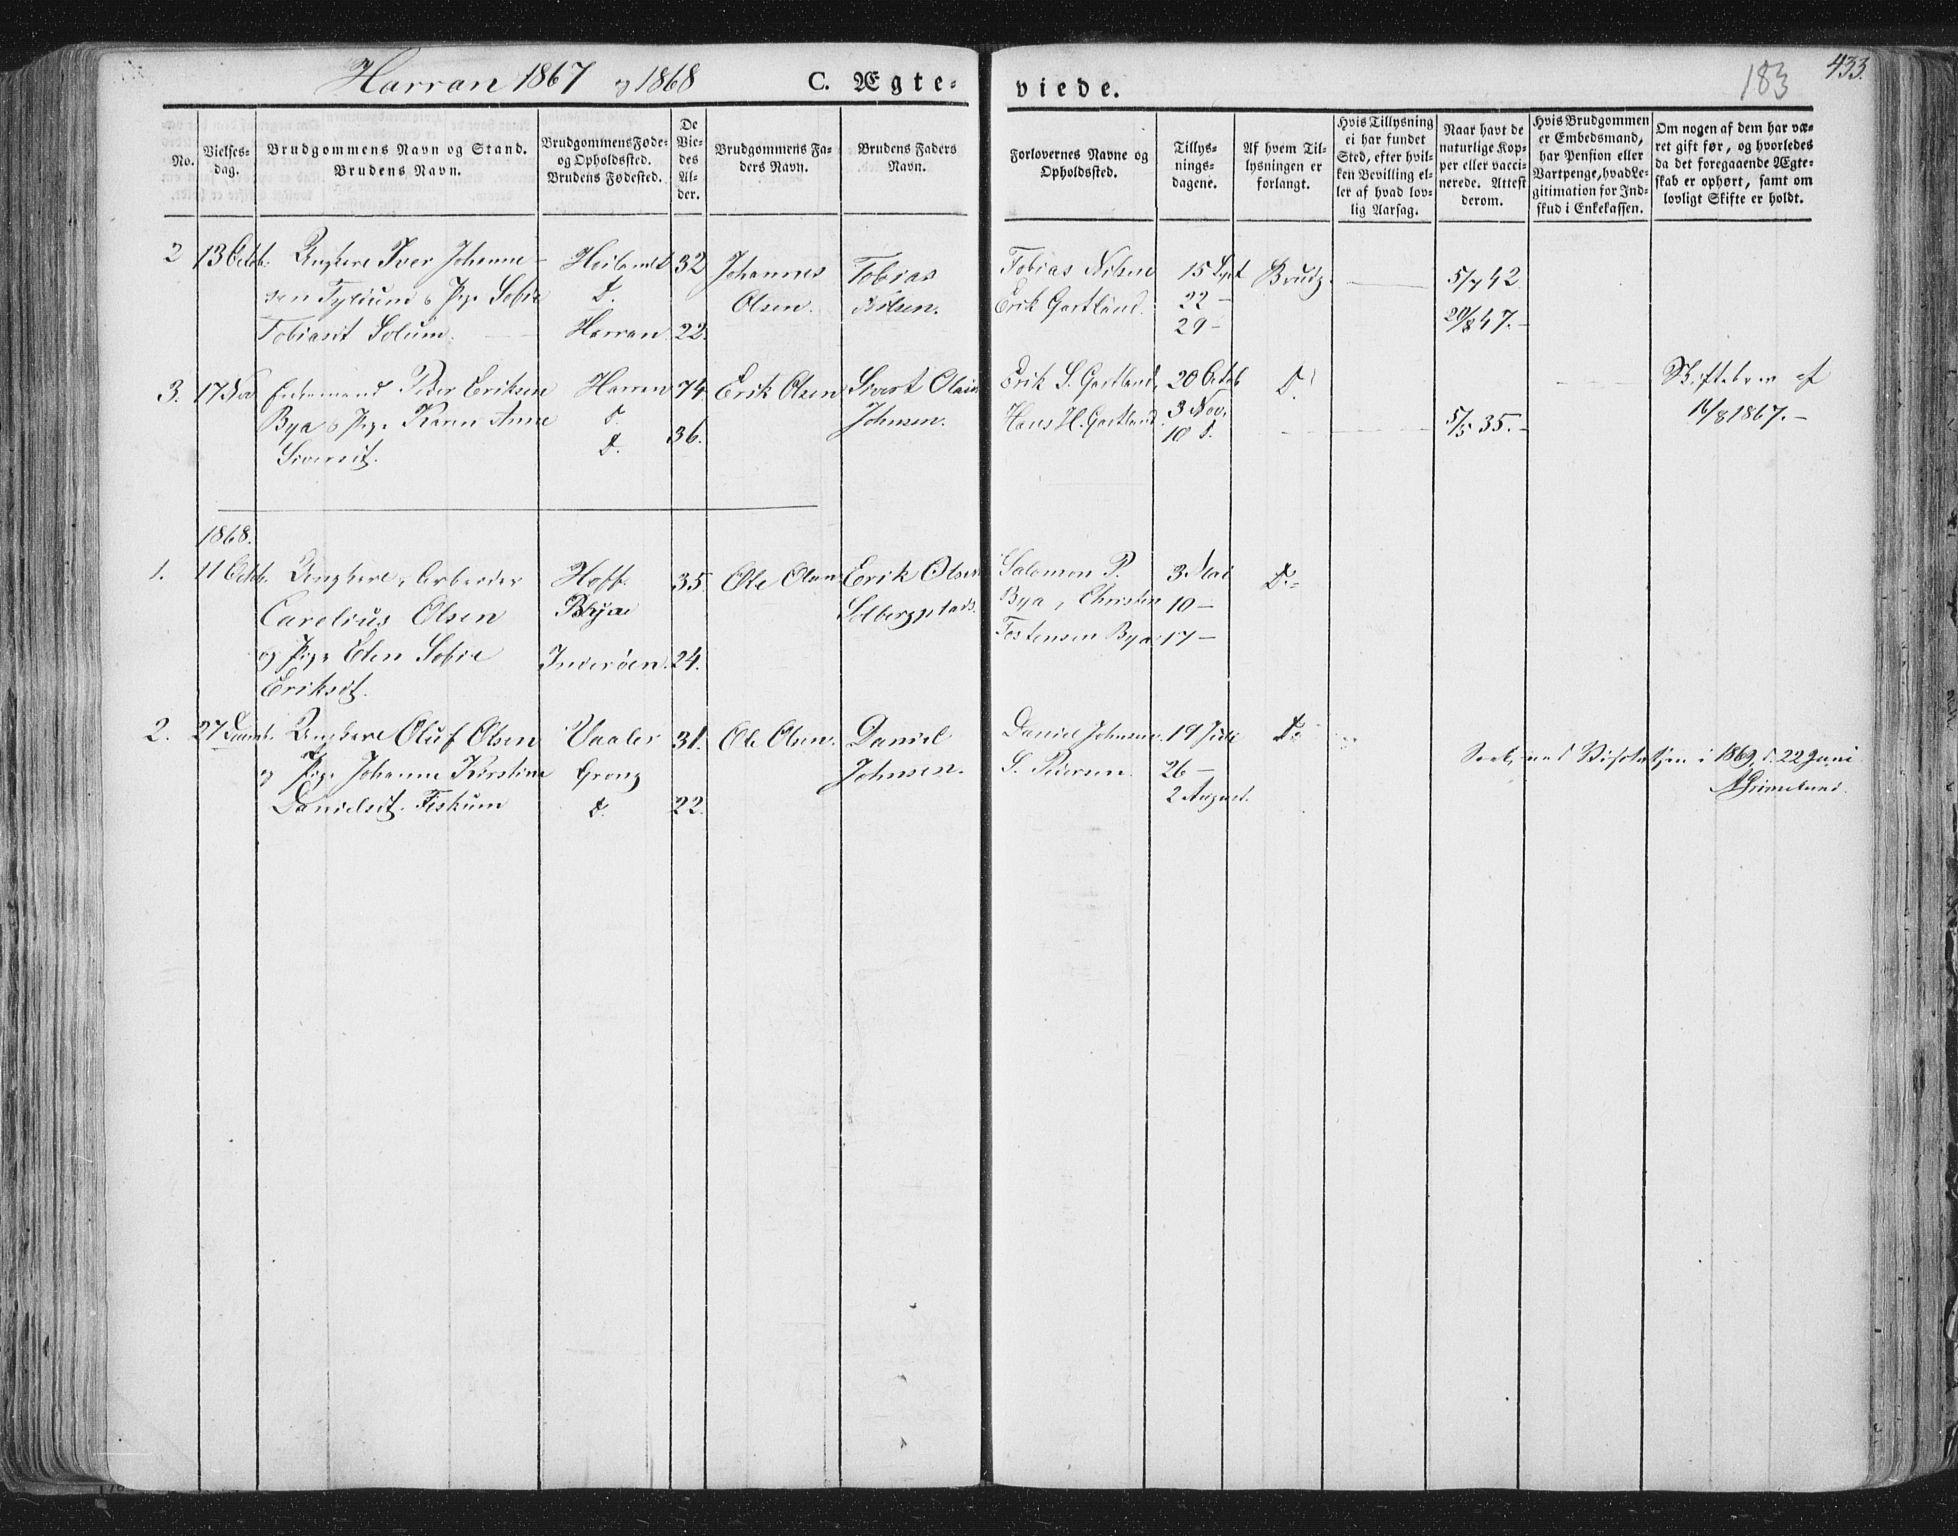 SAT, Ministerialprotokoller, klokkerbøker og fødselsregistre - Nord-Trøndelag, 758/L0513: Ministerialbok nr. 758A02 /3, 1839-1868, s. 183